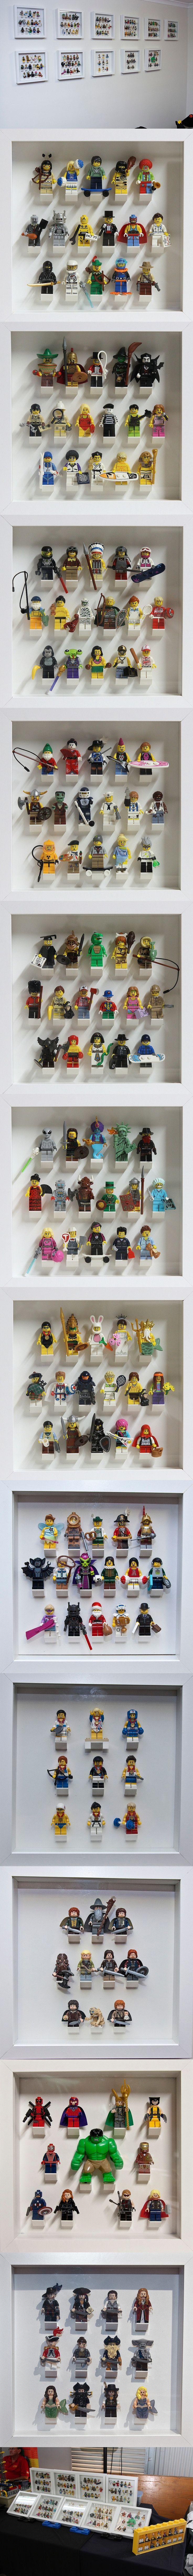 Ikea Ribba Bilderrahmen als Präsentationsort für deine Sammelfiguren.